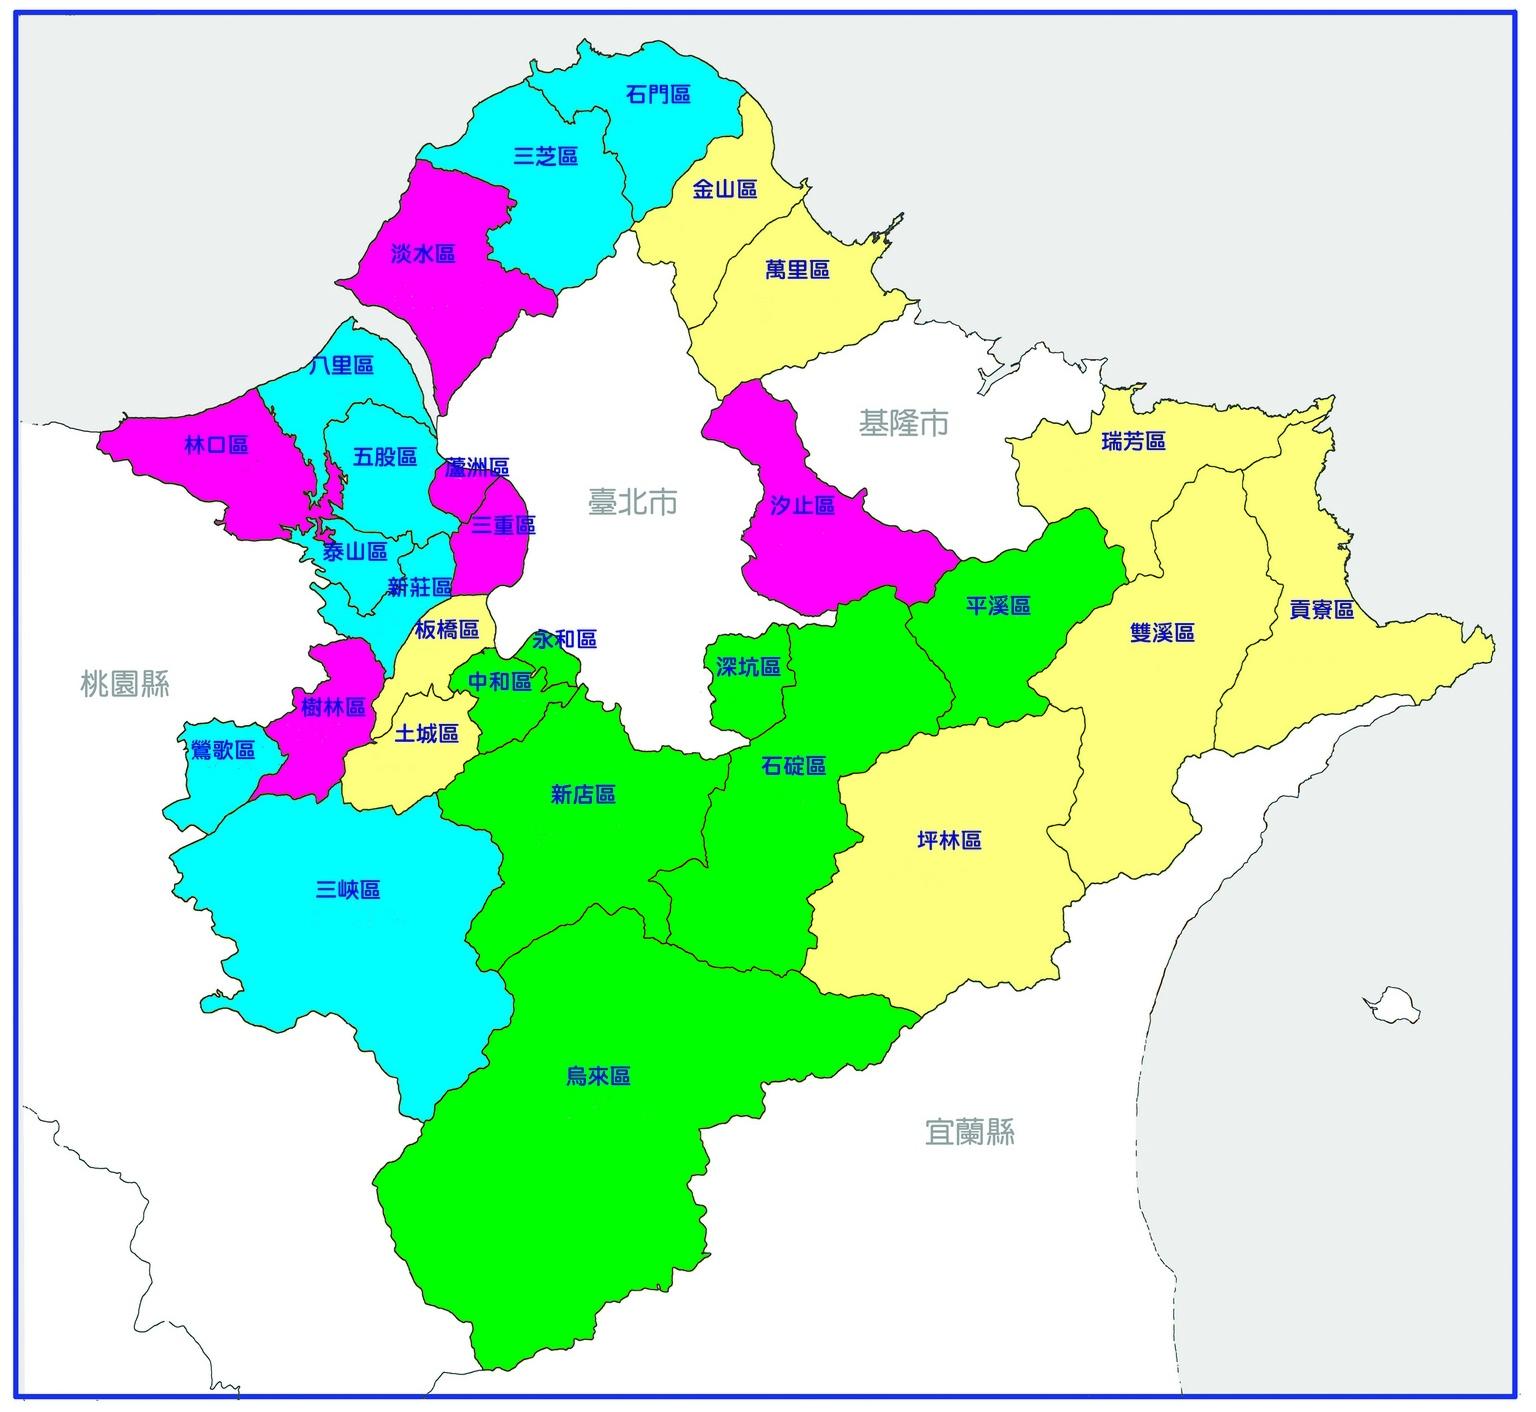 繁華如塵 青春若夢: 新北市行政區域圖